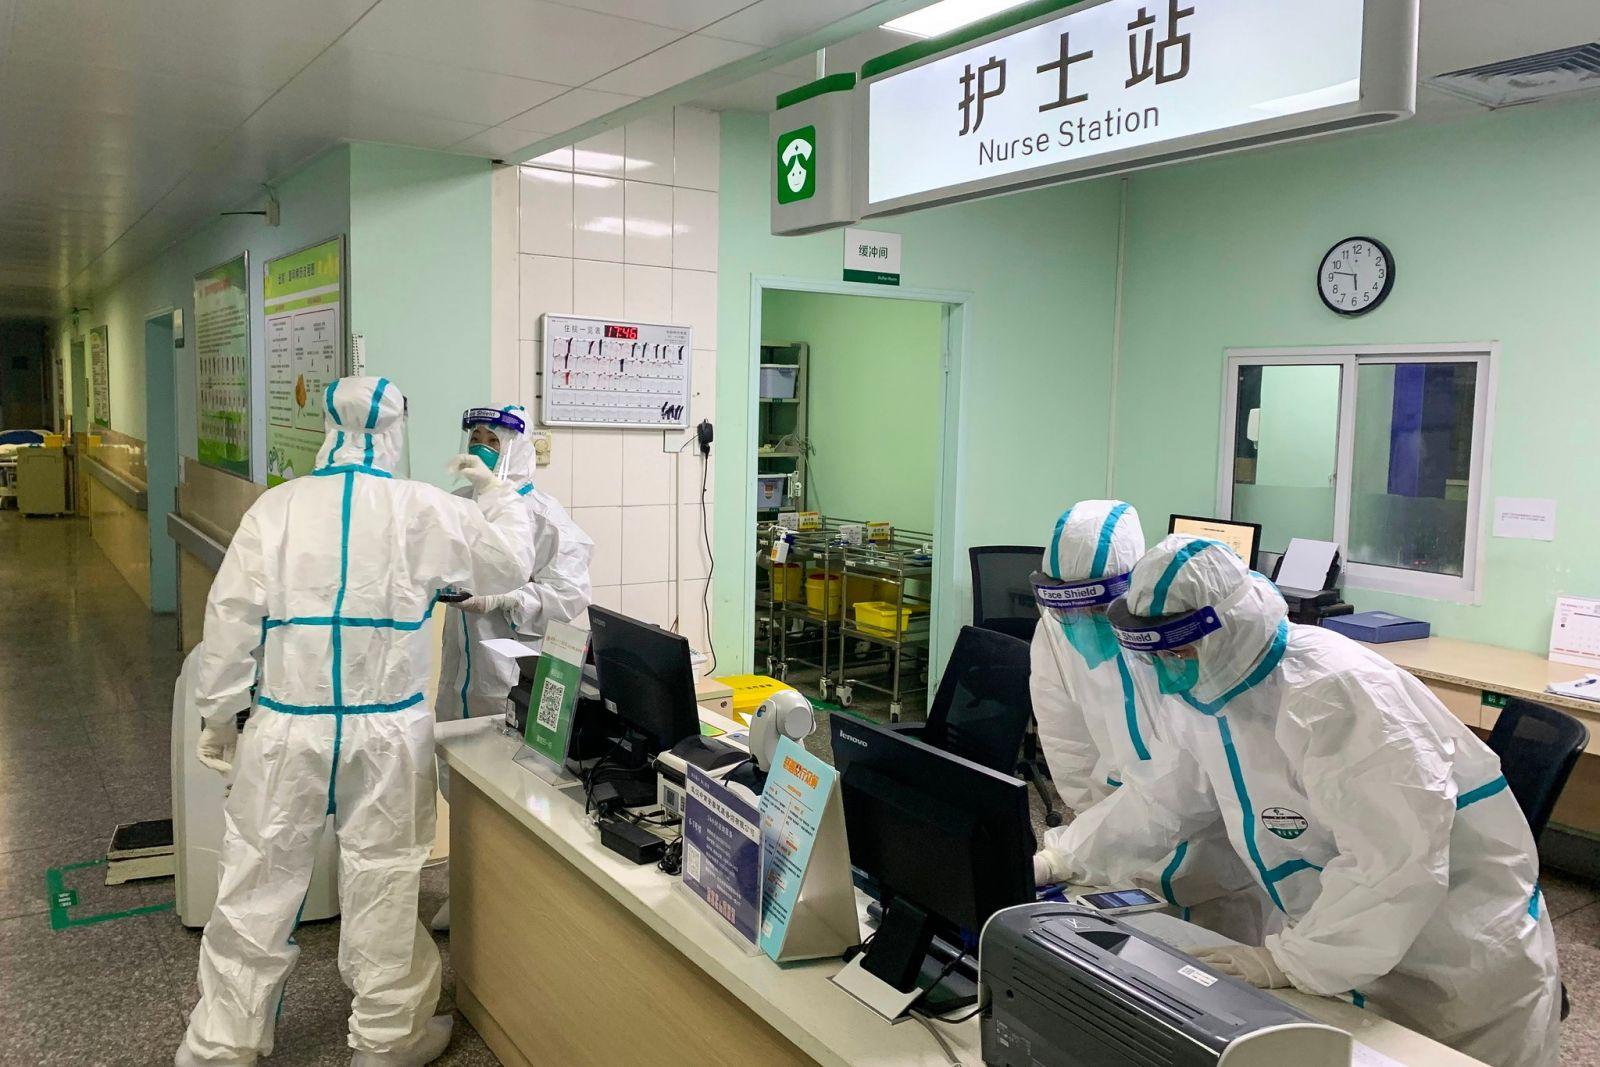 В Ухане за 10 дней построили больницу для зараженных коронавирусом